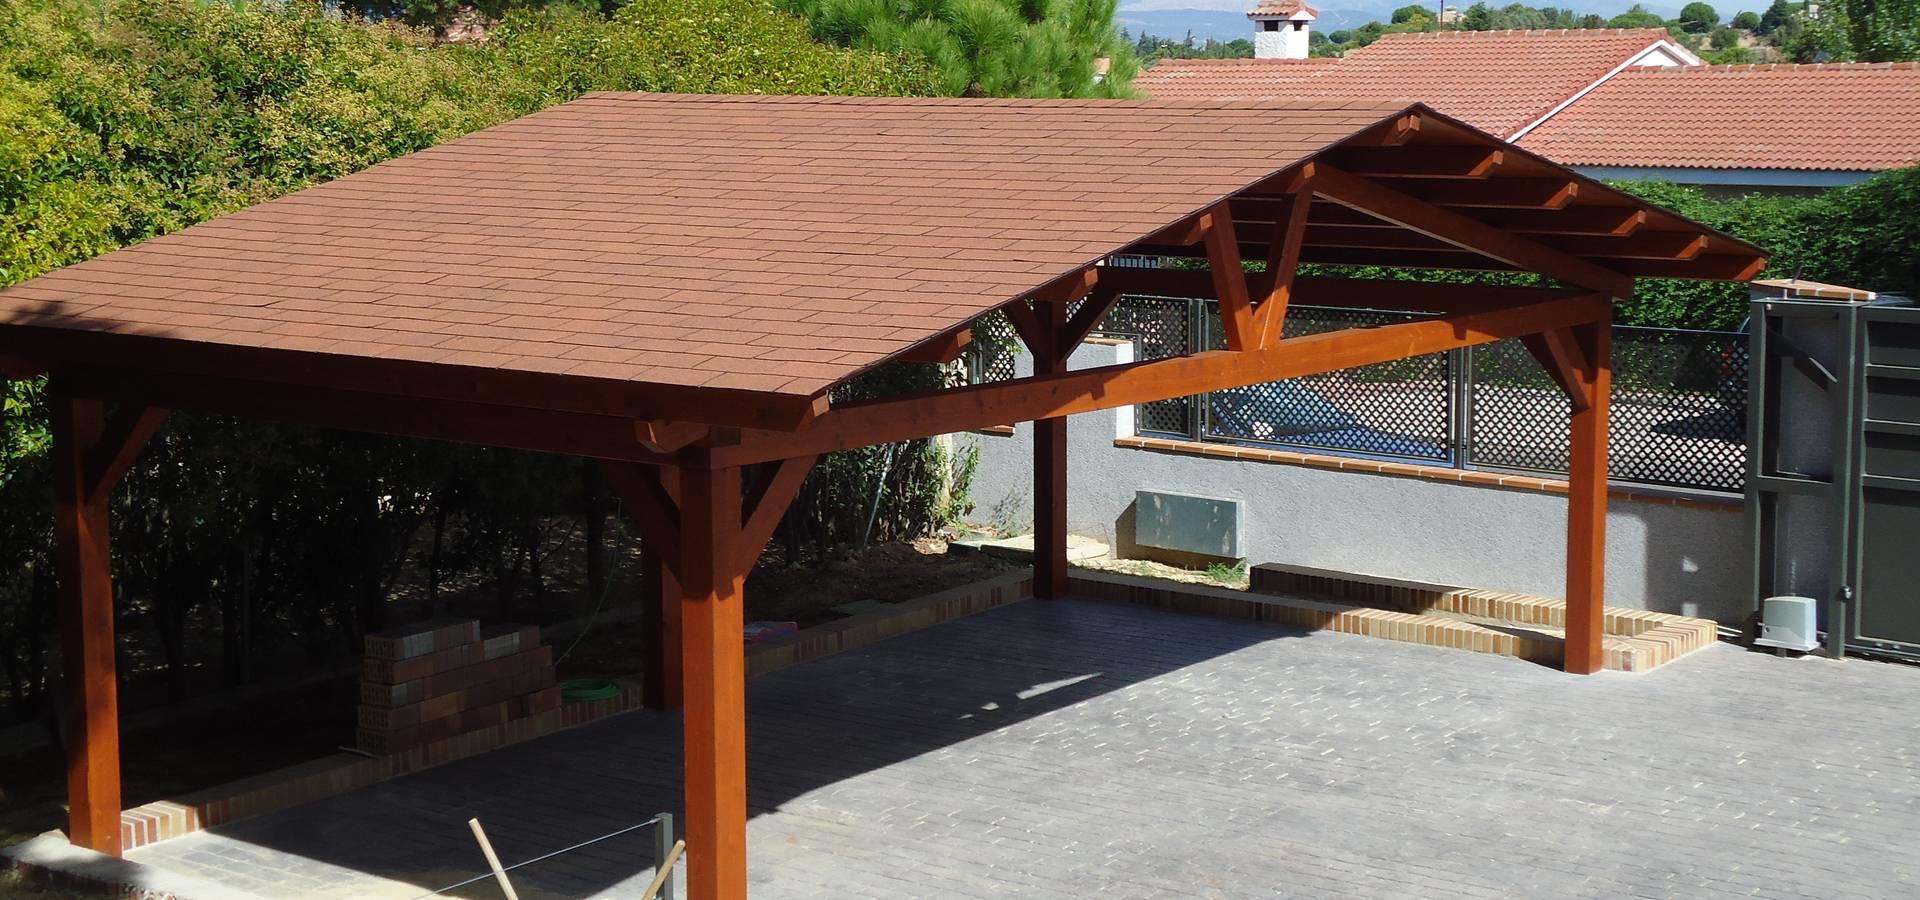 Garajes de madera by pergomadera p rgolas y porches de - Tejados de madera ...